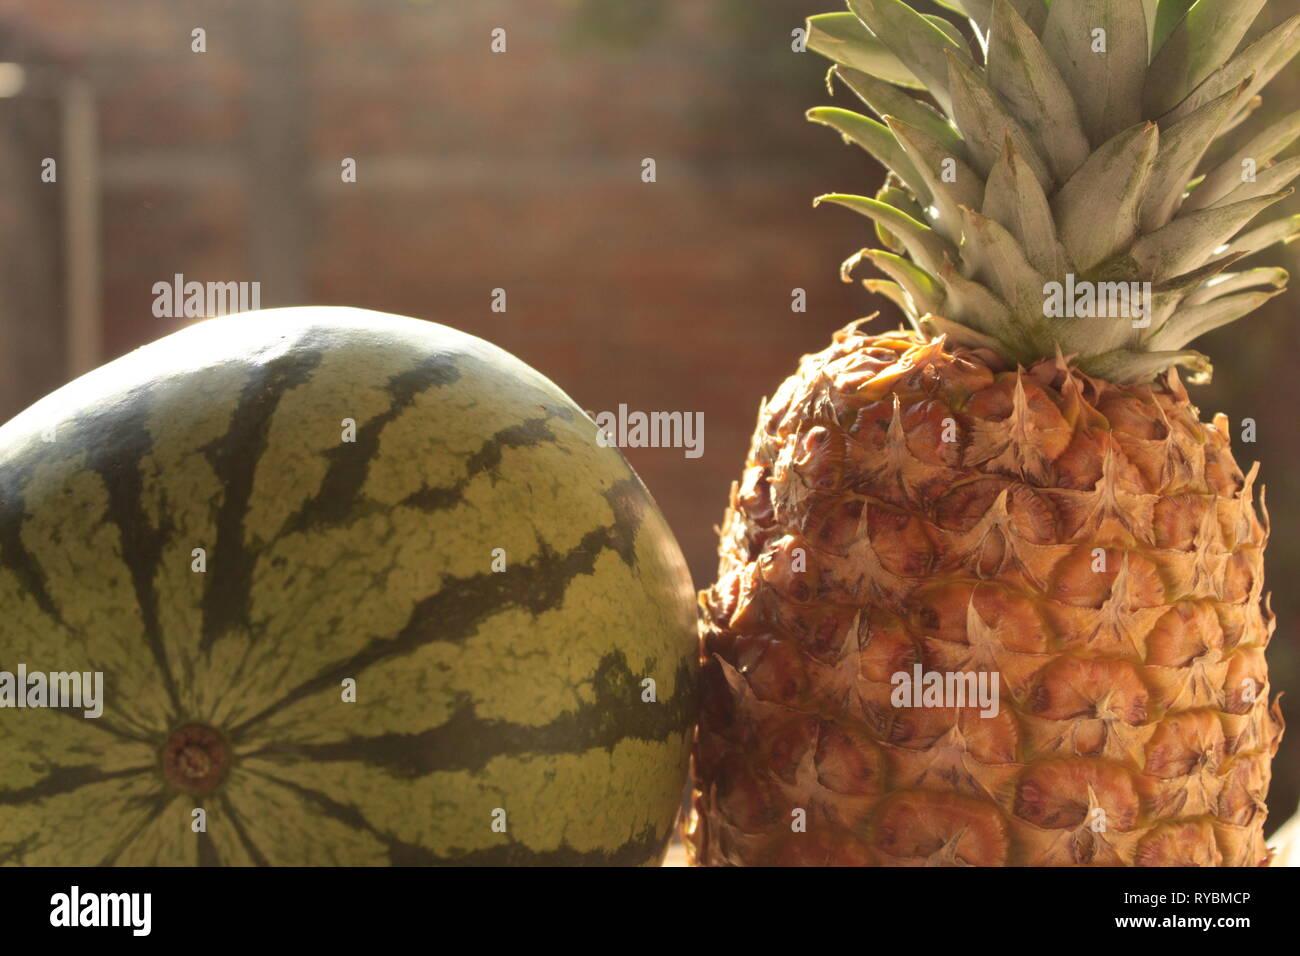 close up de bodegón de frutas tropicales como piña, sandia y melón foto tomada en mi jardín utilizando un lente 18-55mm marca canon - Stock Image